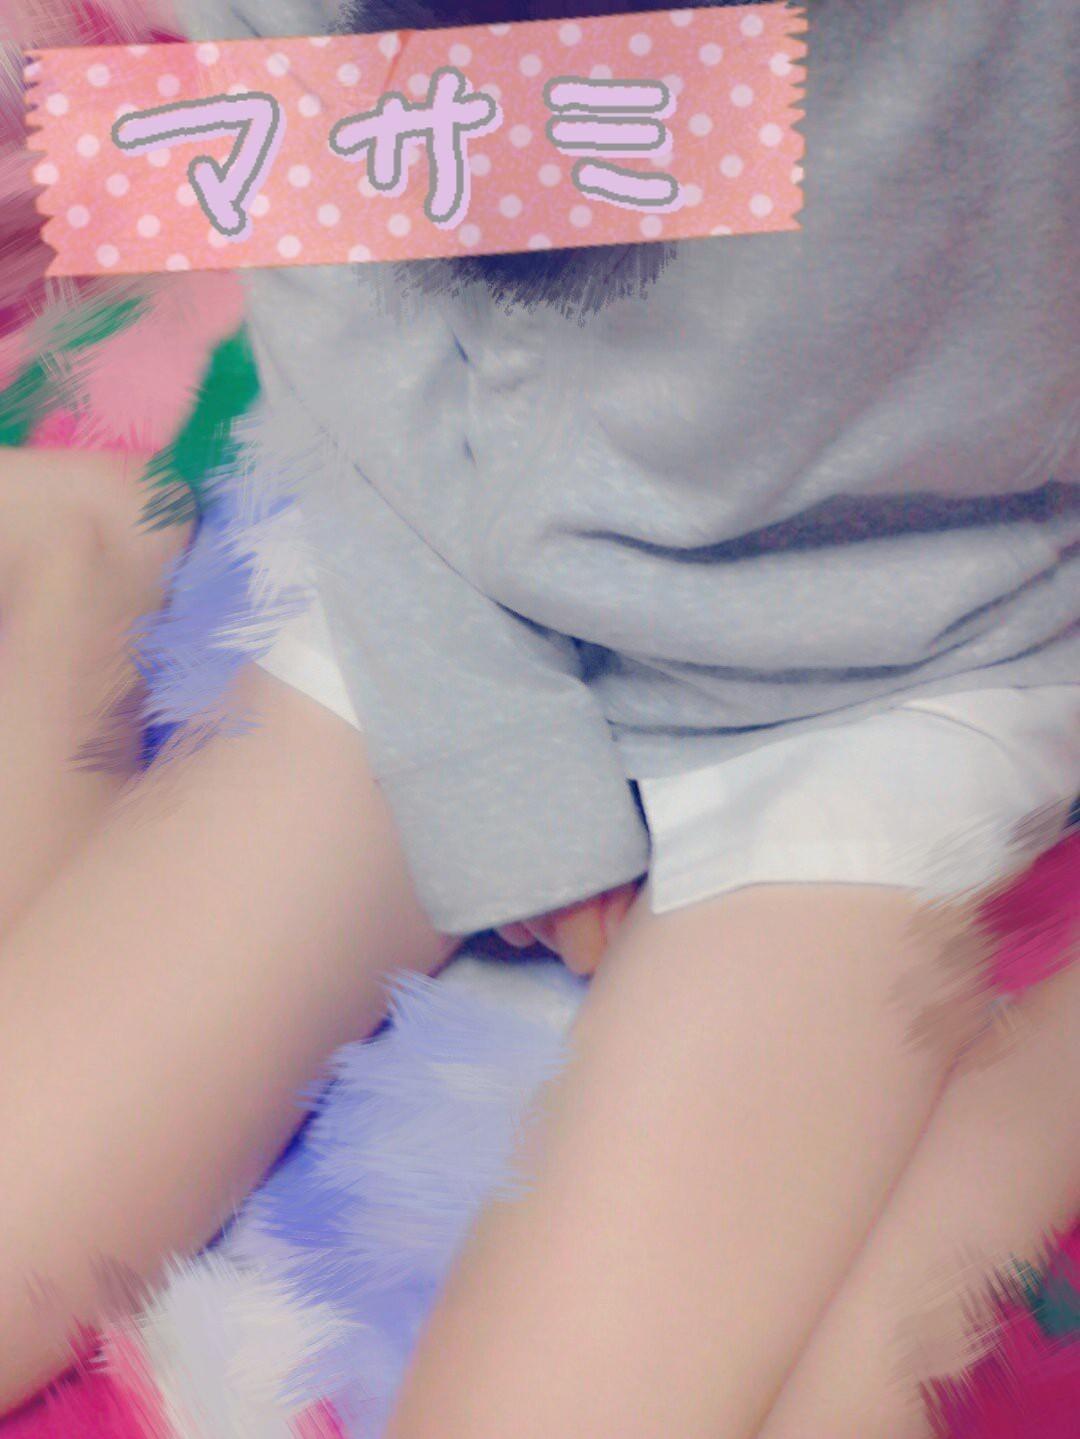 「こんばんは」10/17(10/17) 19:47   まさみの写メ・風俗動画